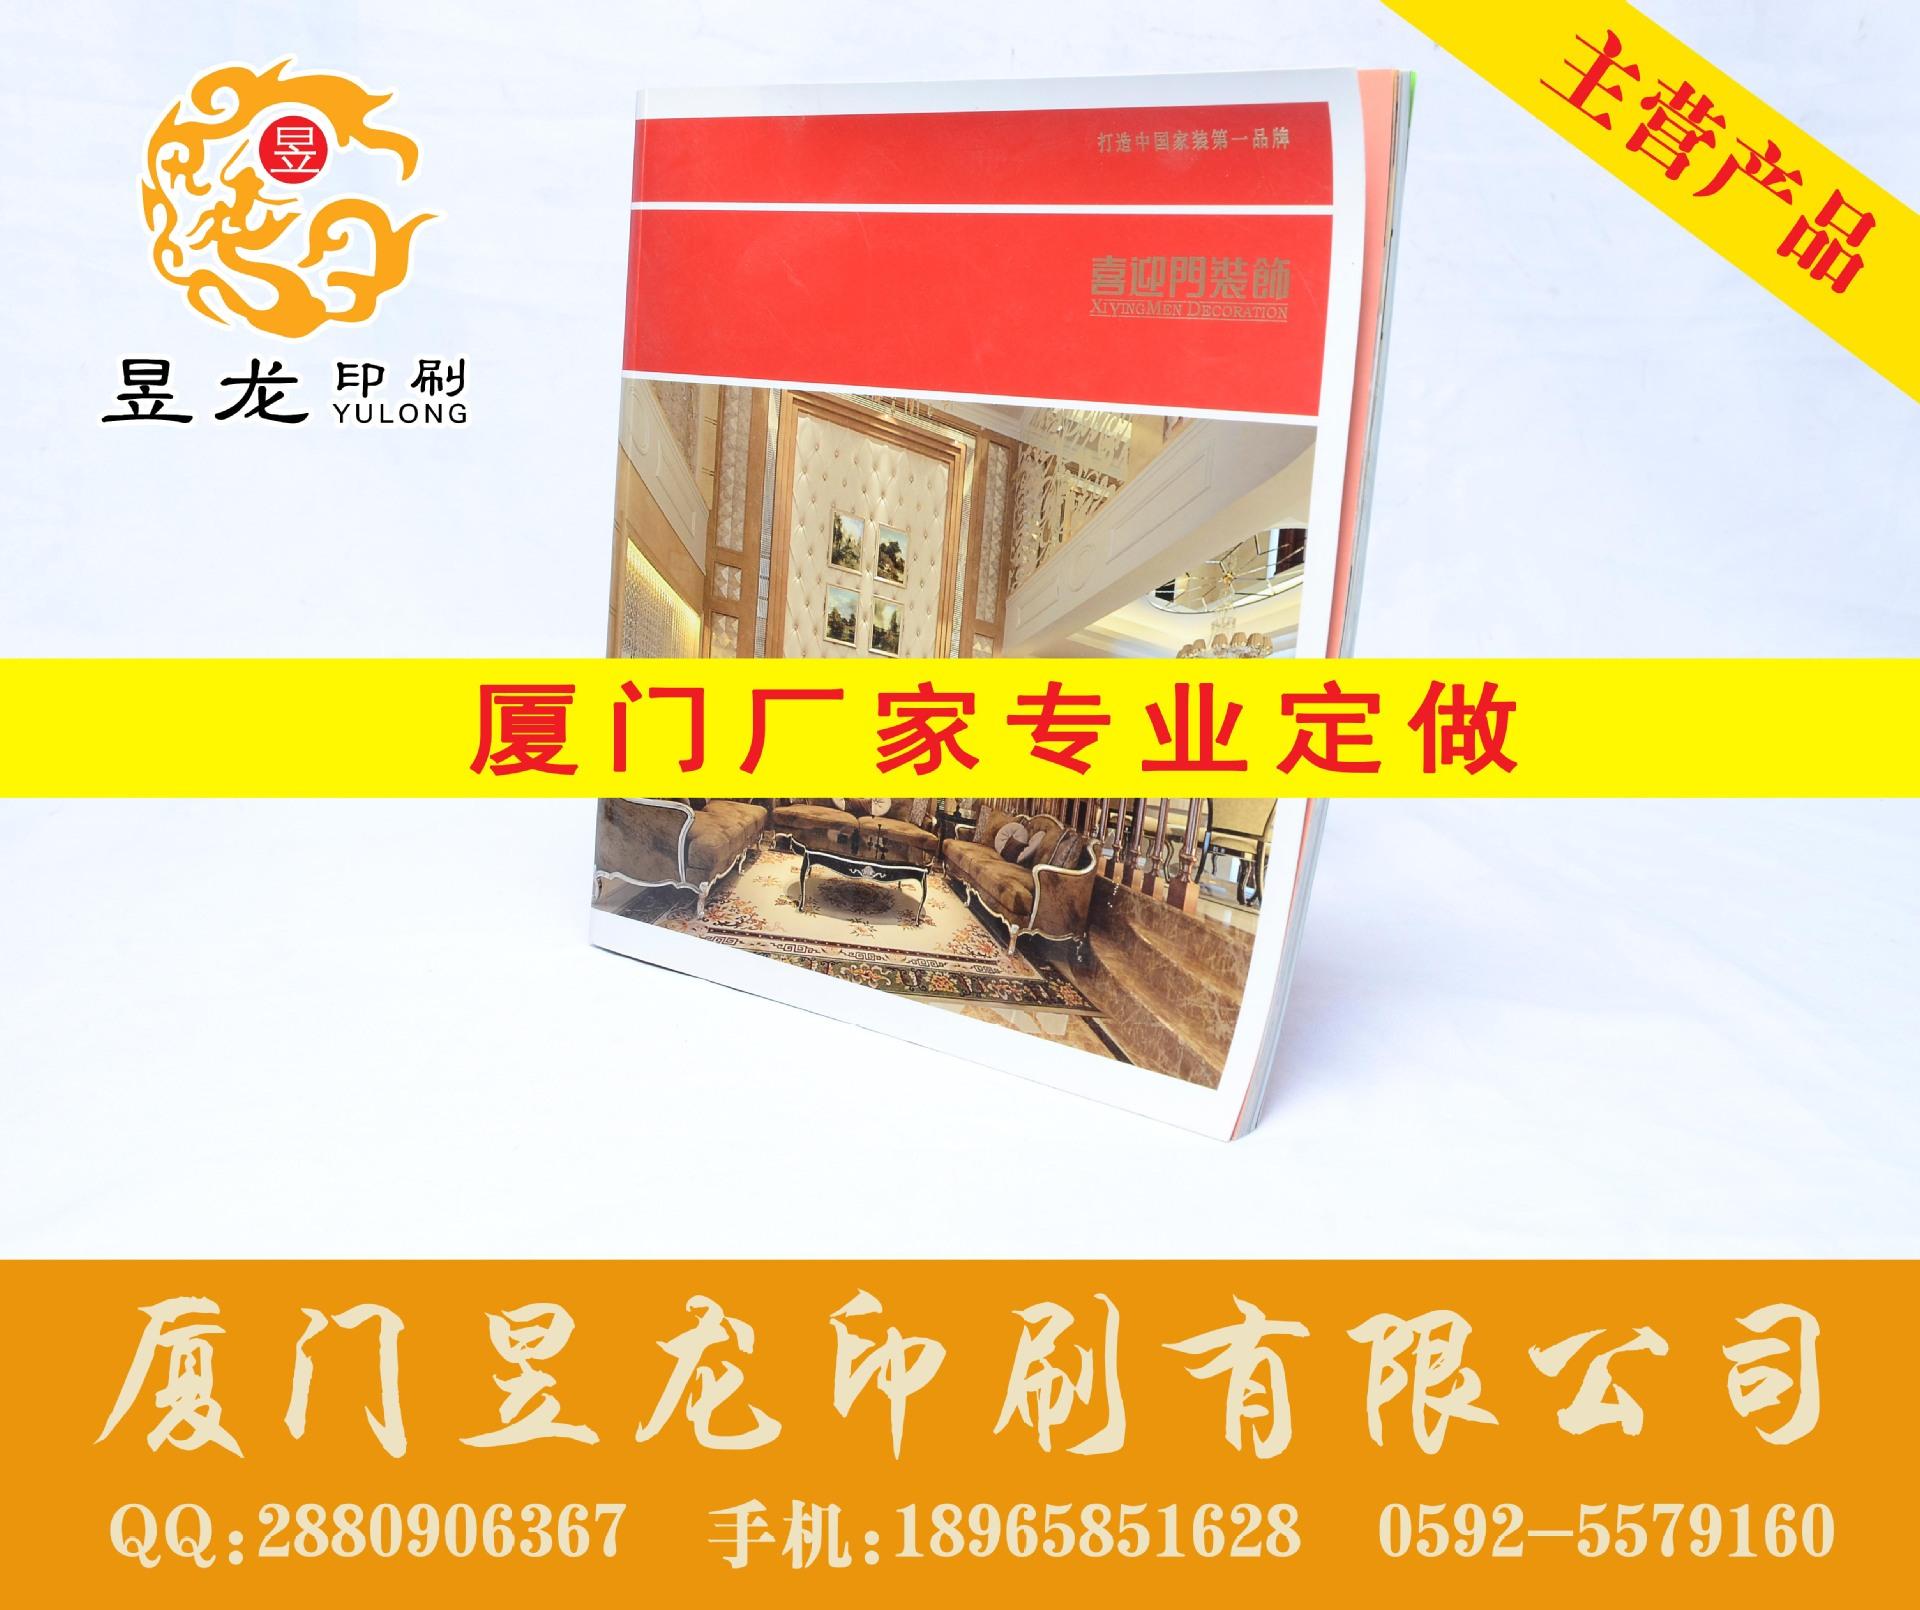 500本企业精装画册印刷铜版纸封面覆膜内页200克锁线胶装量大价优